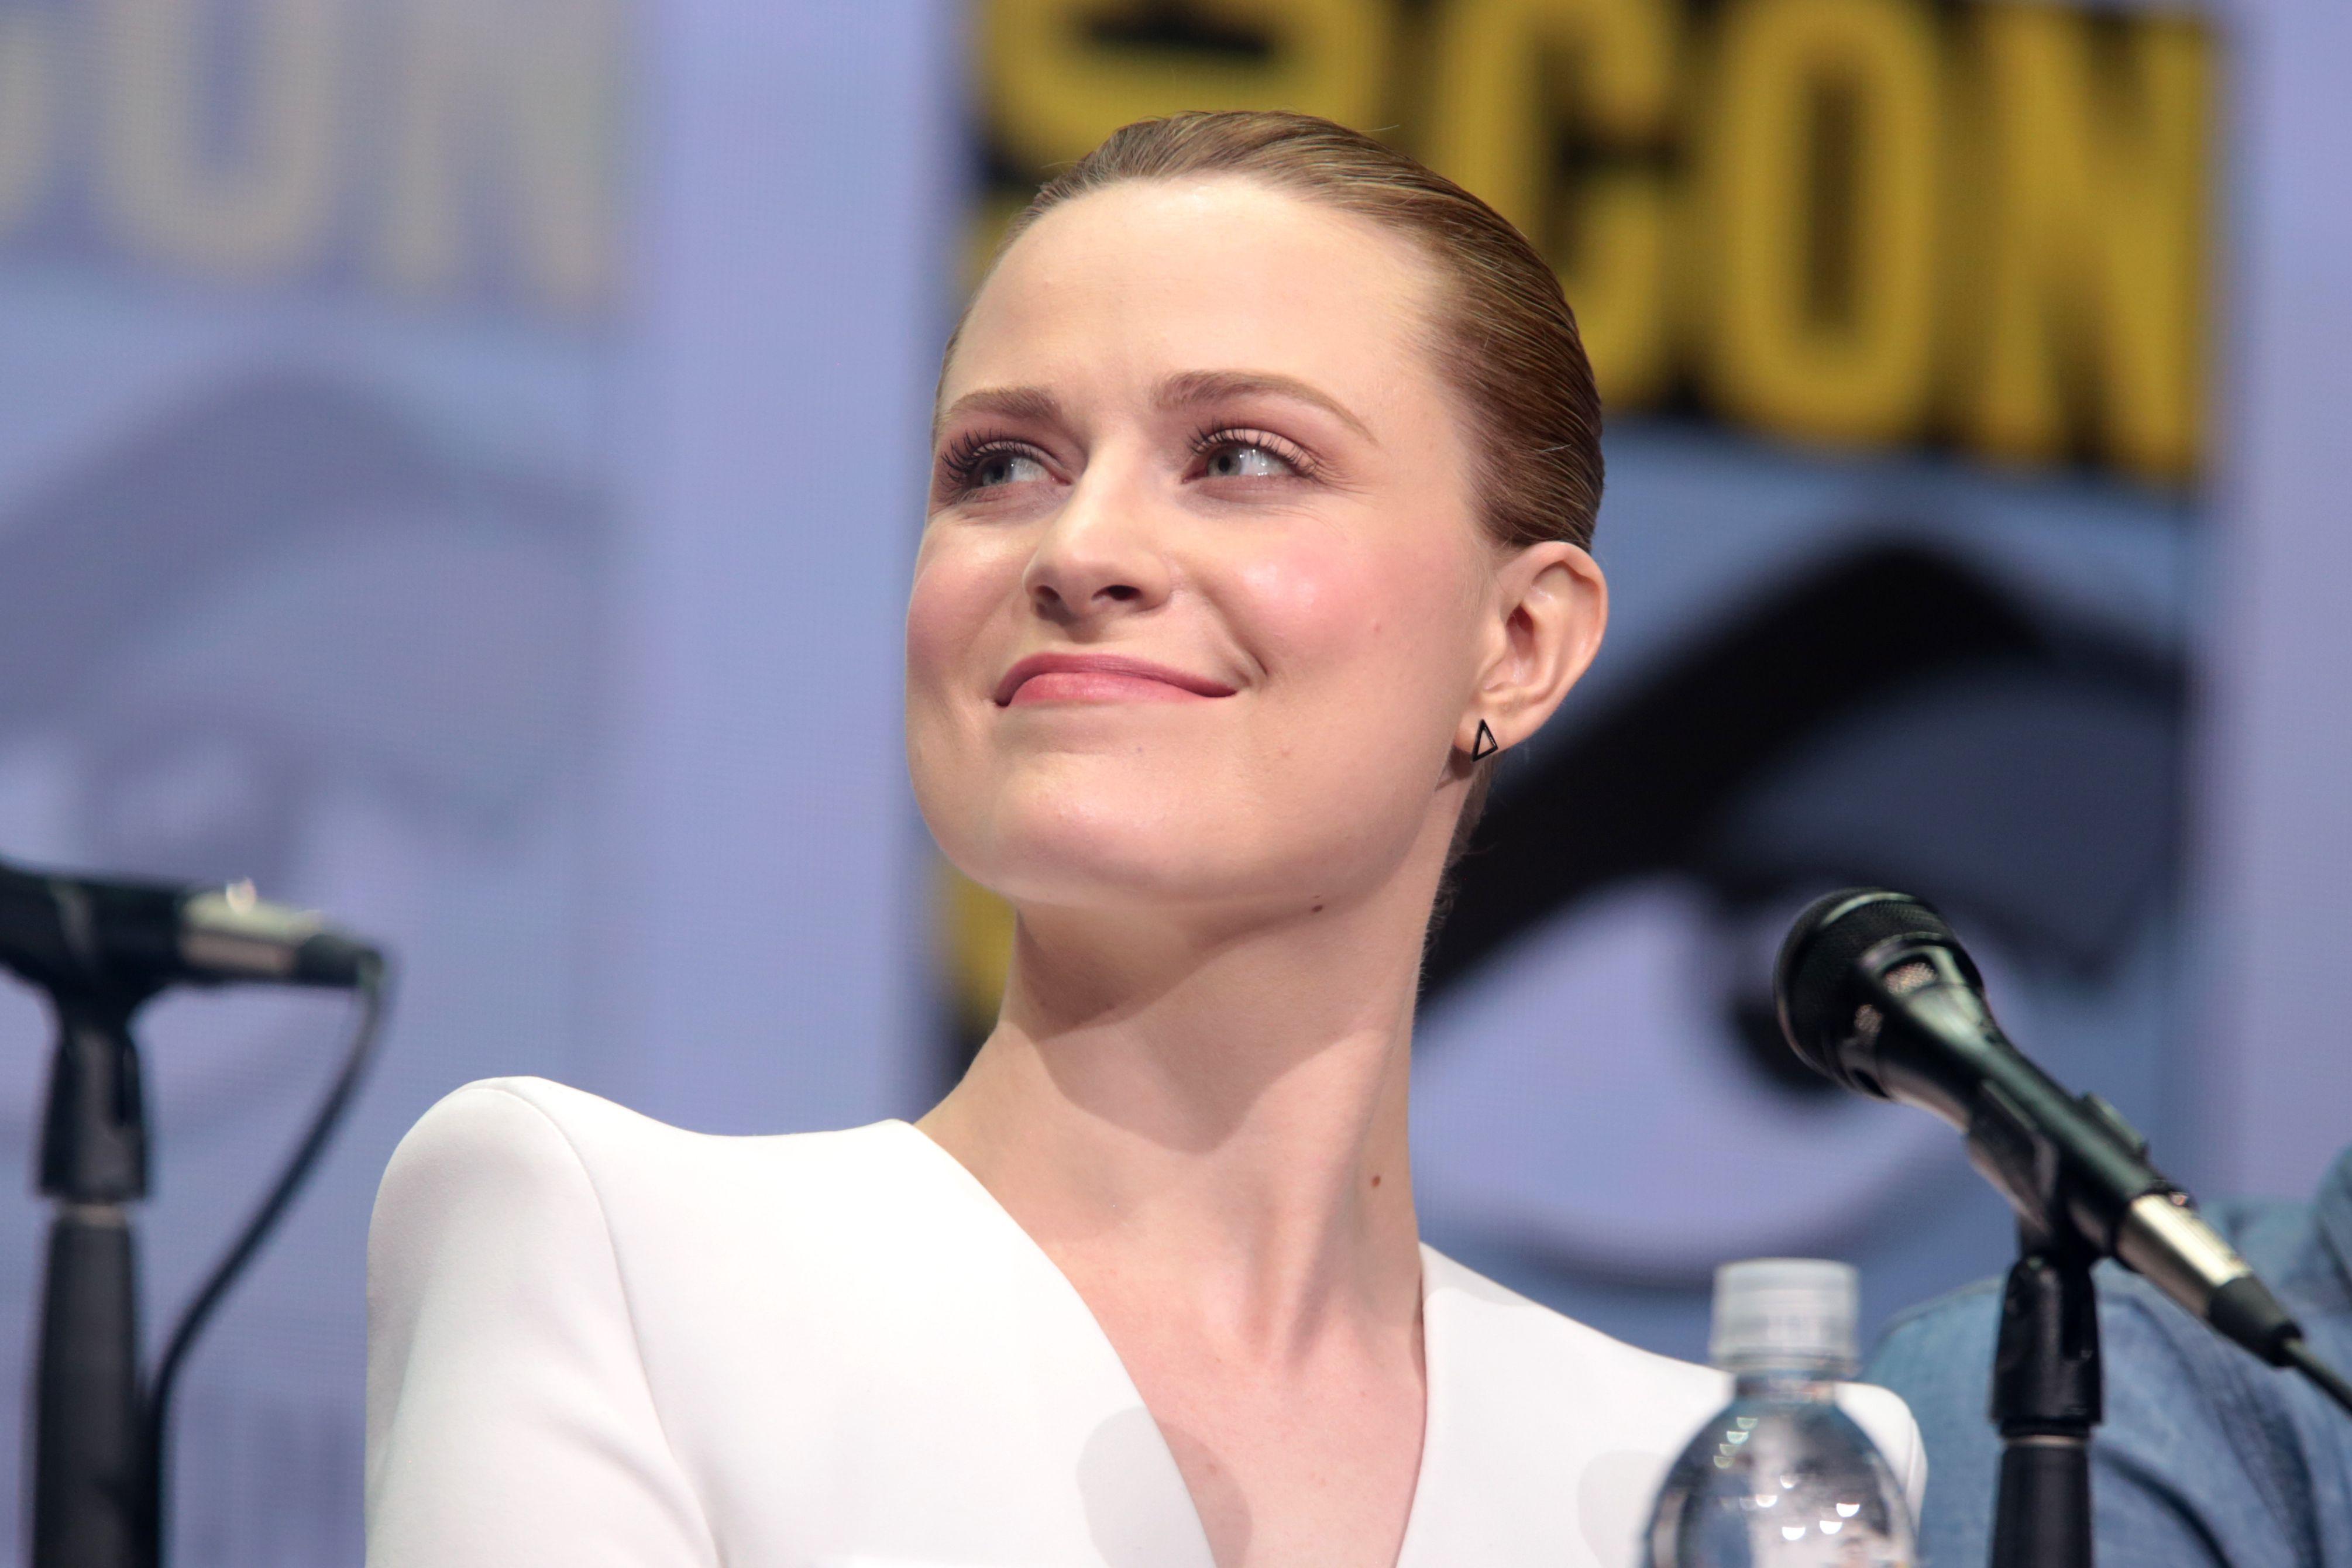 Evan Rachel Wood in white outfit, looking smug.